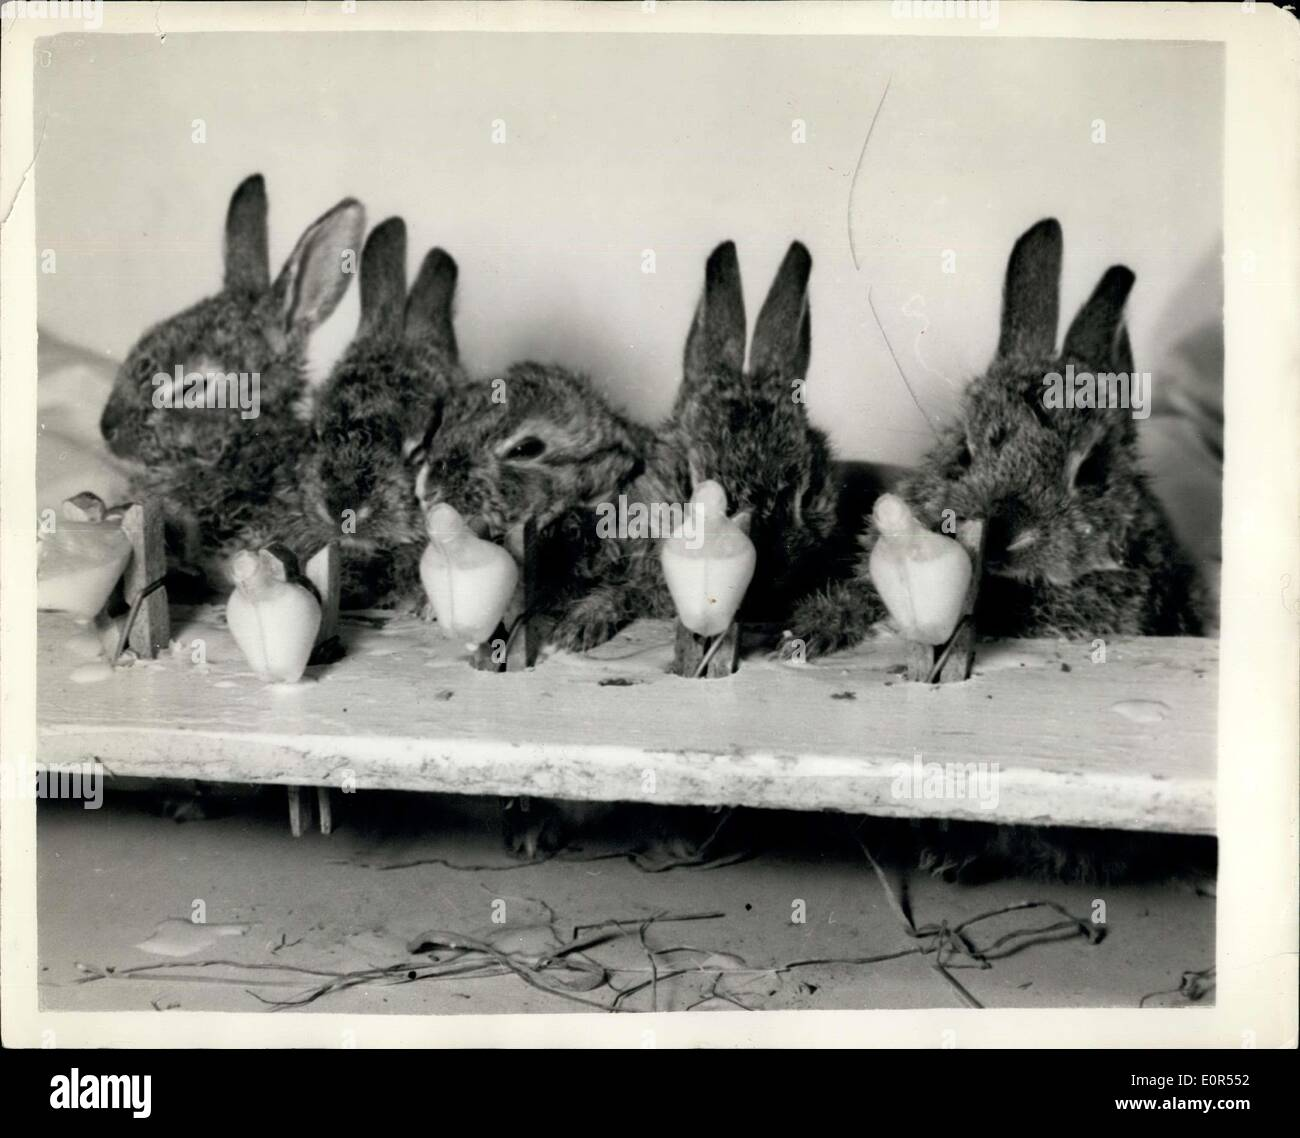 J Bunny Stock Photos & J Bunny Stock Images